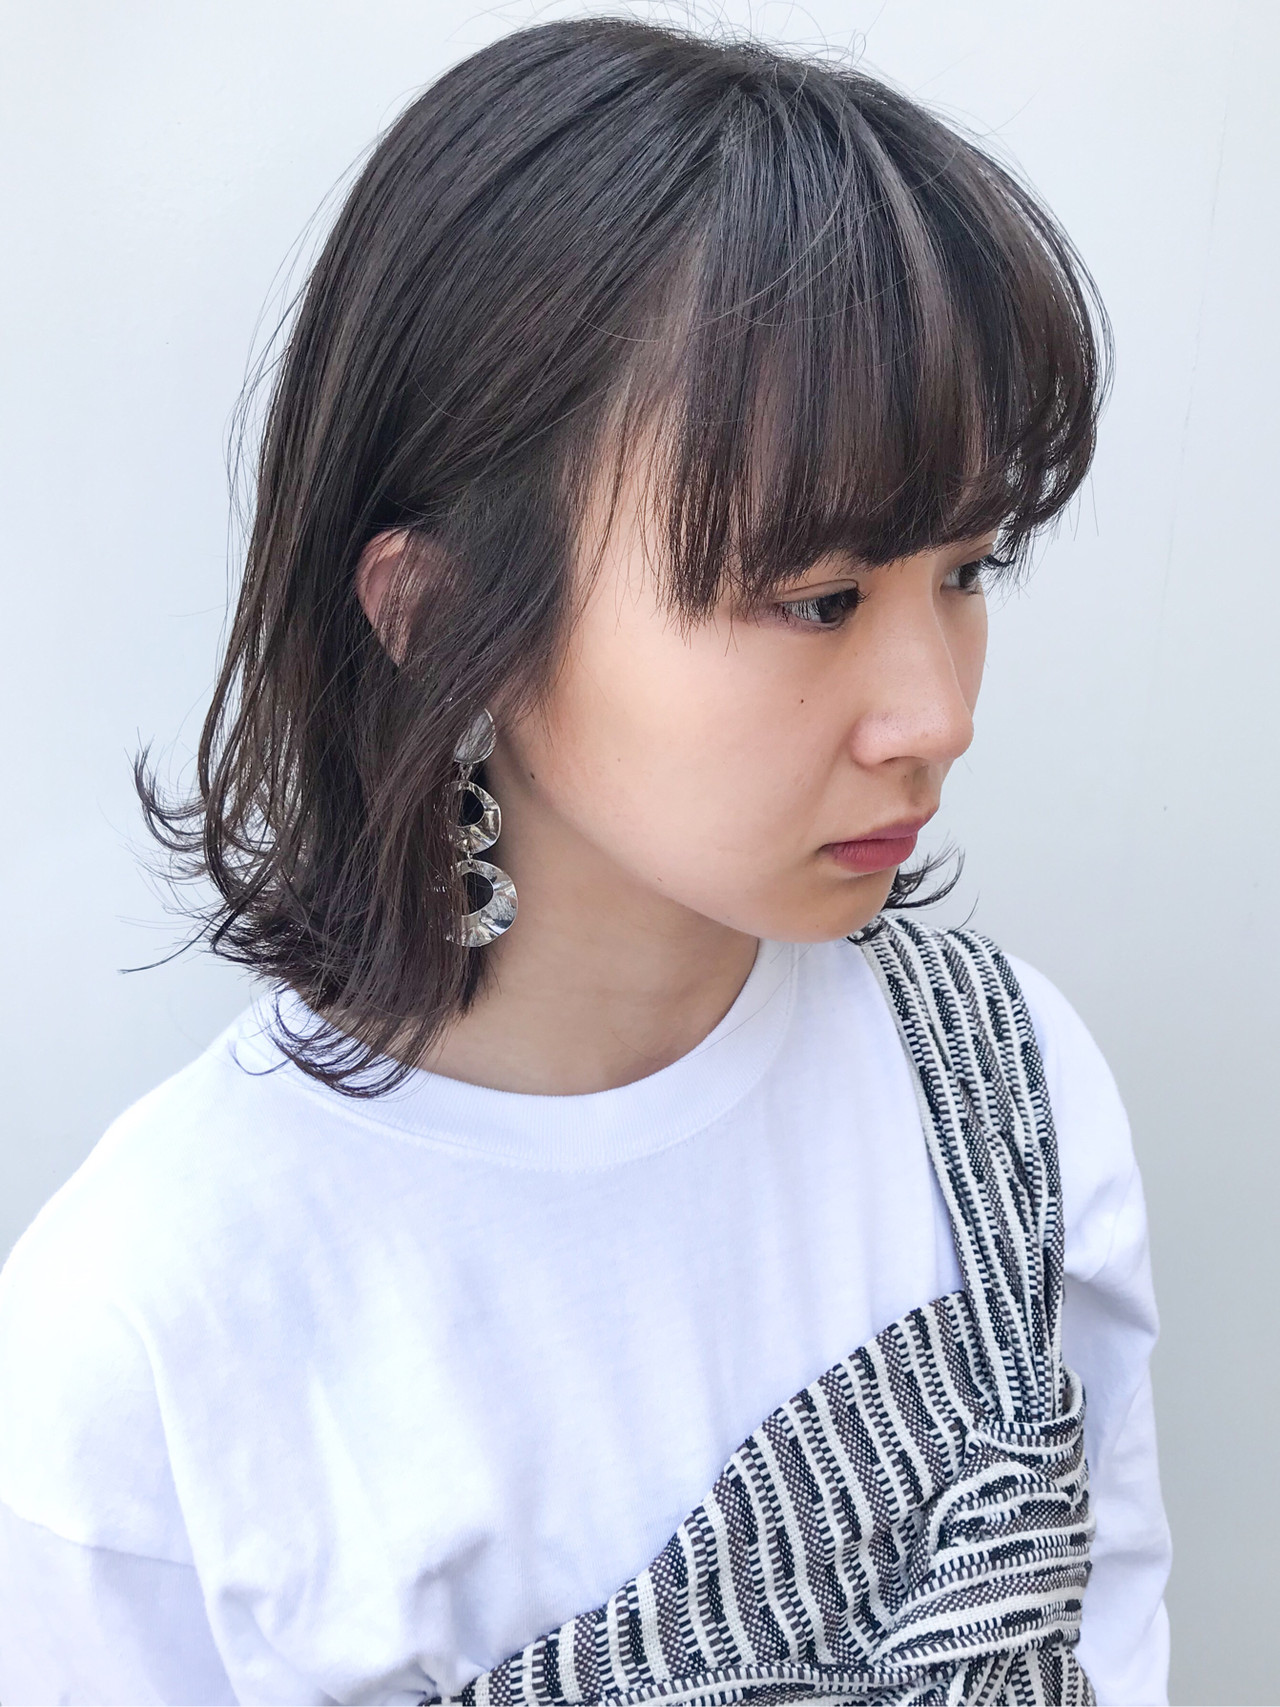 コンサバ デート ミディアム 横顔美人 ヘアスタイルや髪型の写真・画像 | HIROKI / roijir / roijir